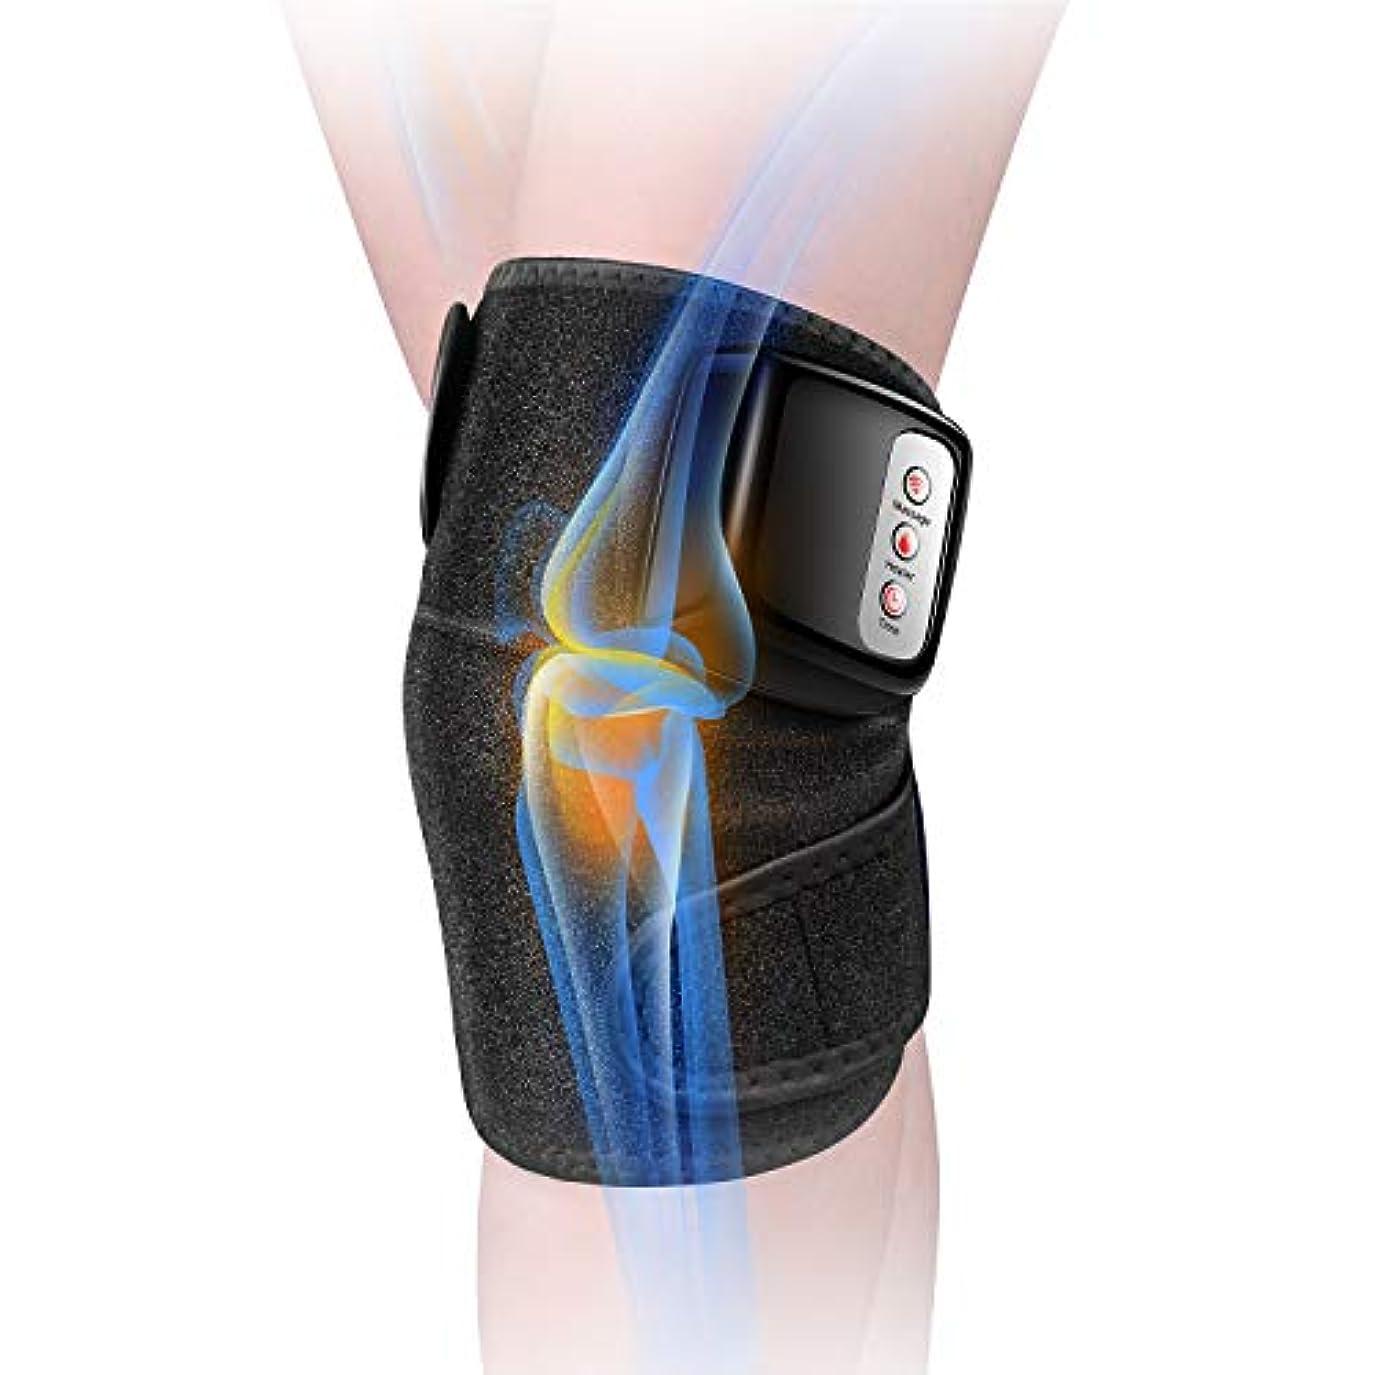 買う緯度事実膝マッサージャー 関節マッサージャー マッサージ器 フットマッサージャー 振動 赤外線療法 温熱療法 膝サポーター ストレス解消 肩 太もも/腕対応